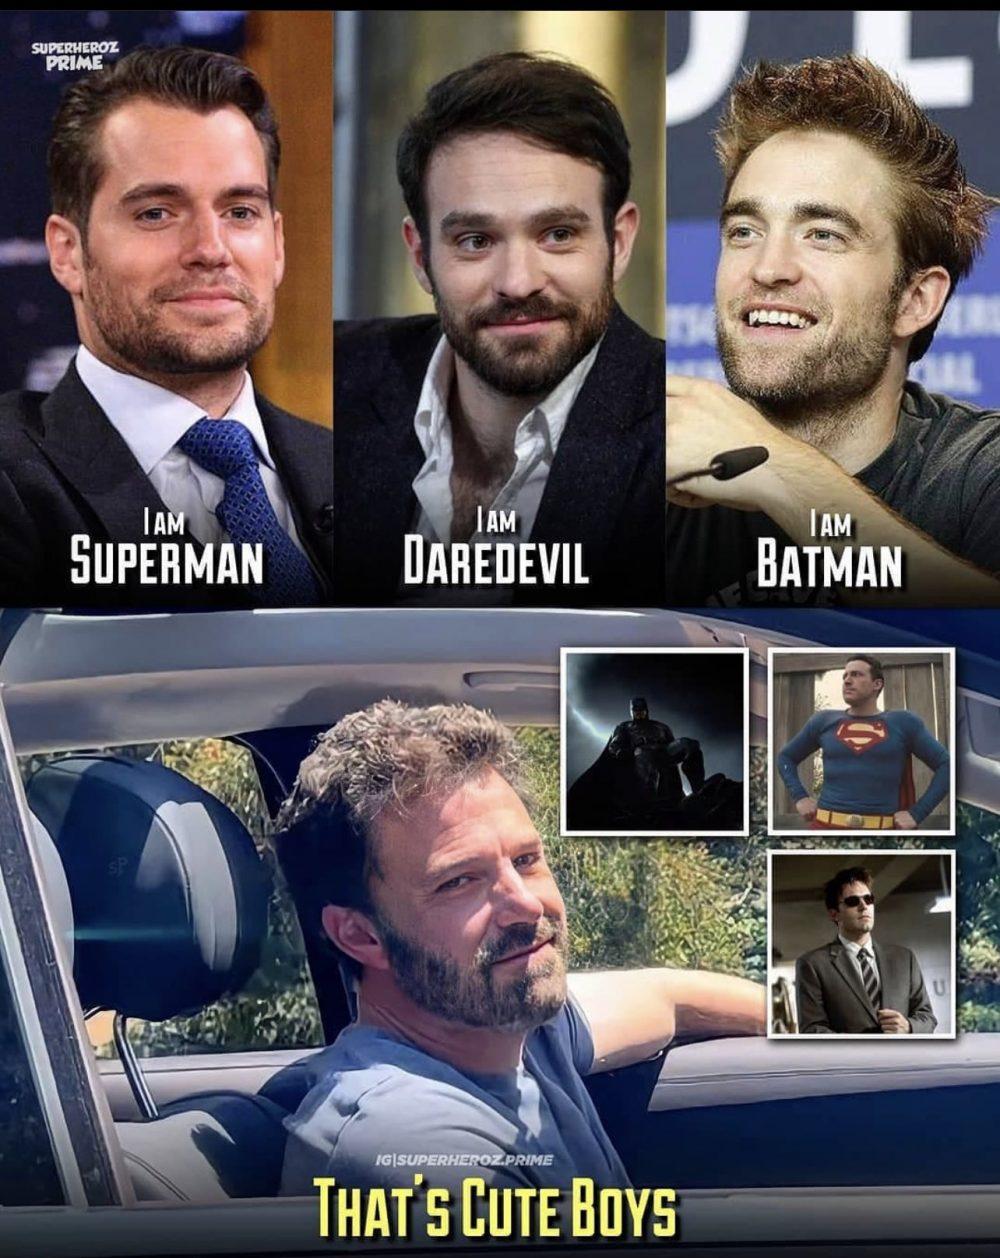 ¿Qué tienen en común Superman, Daredevil, y Batman?